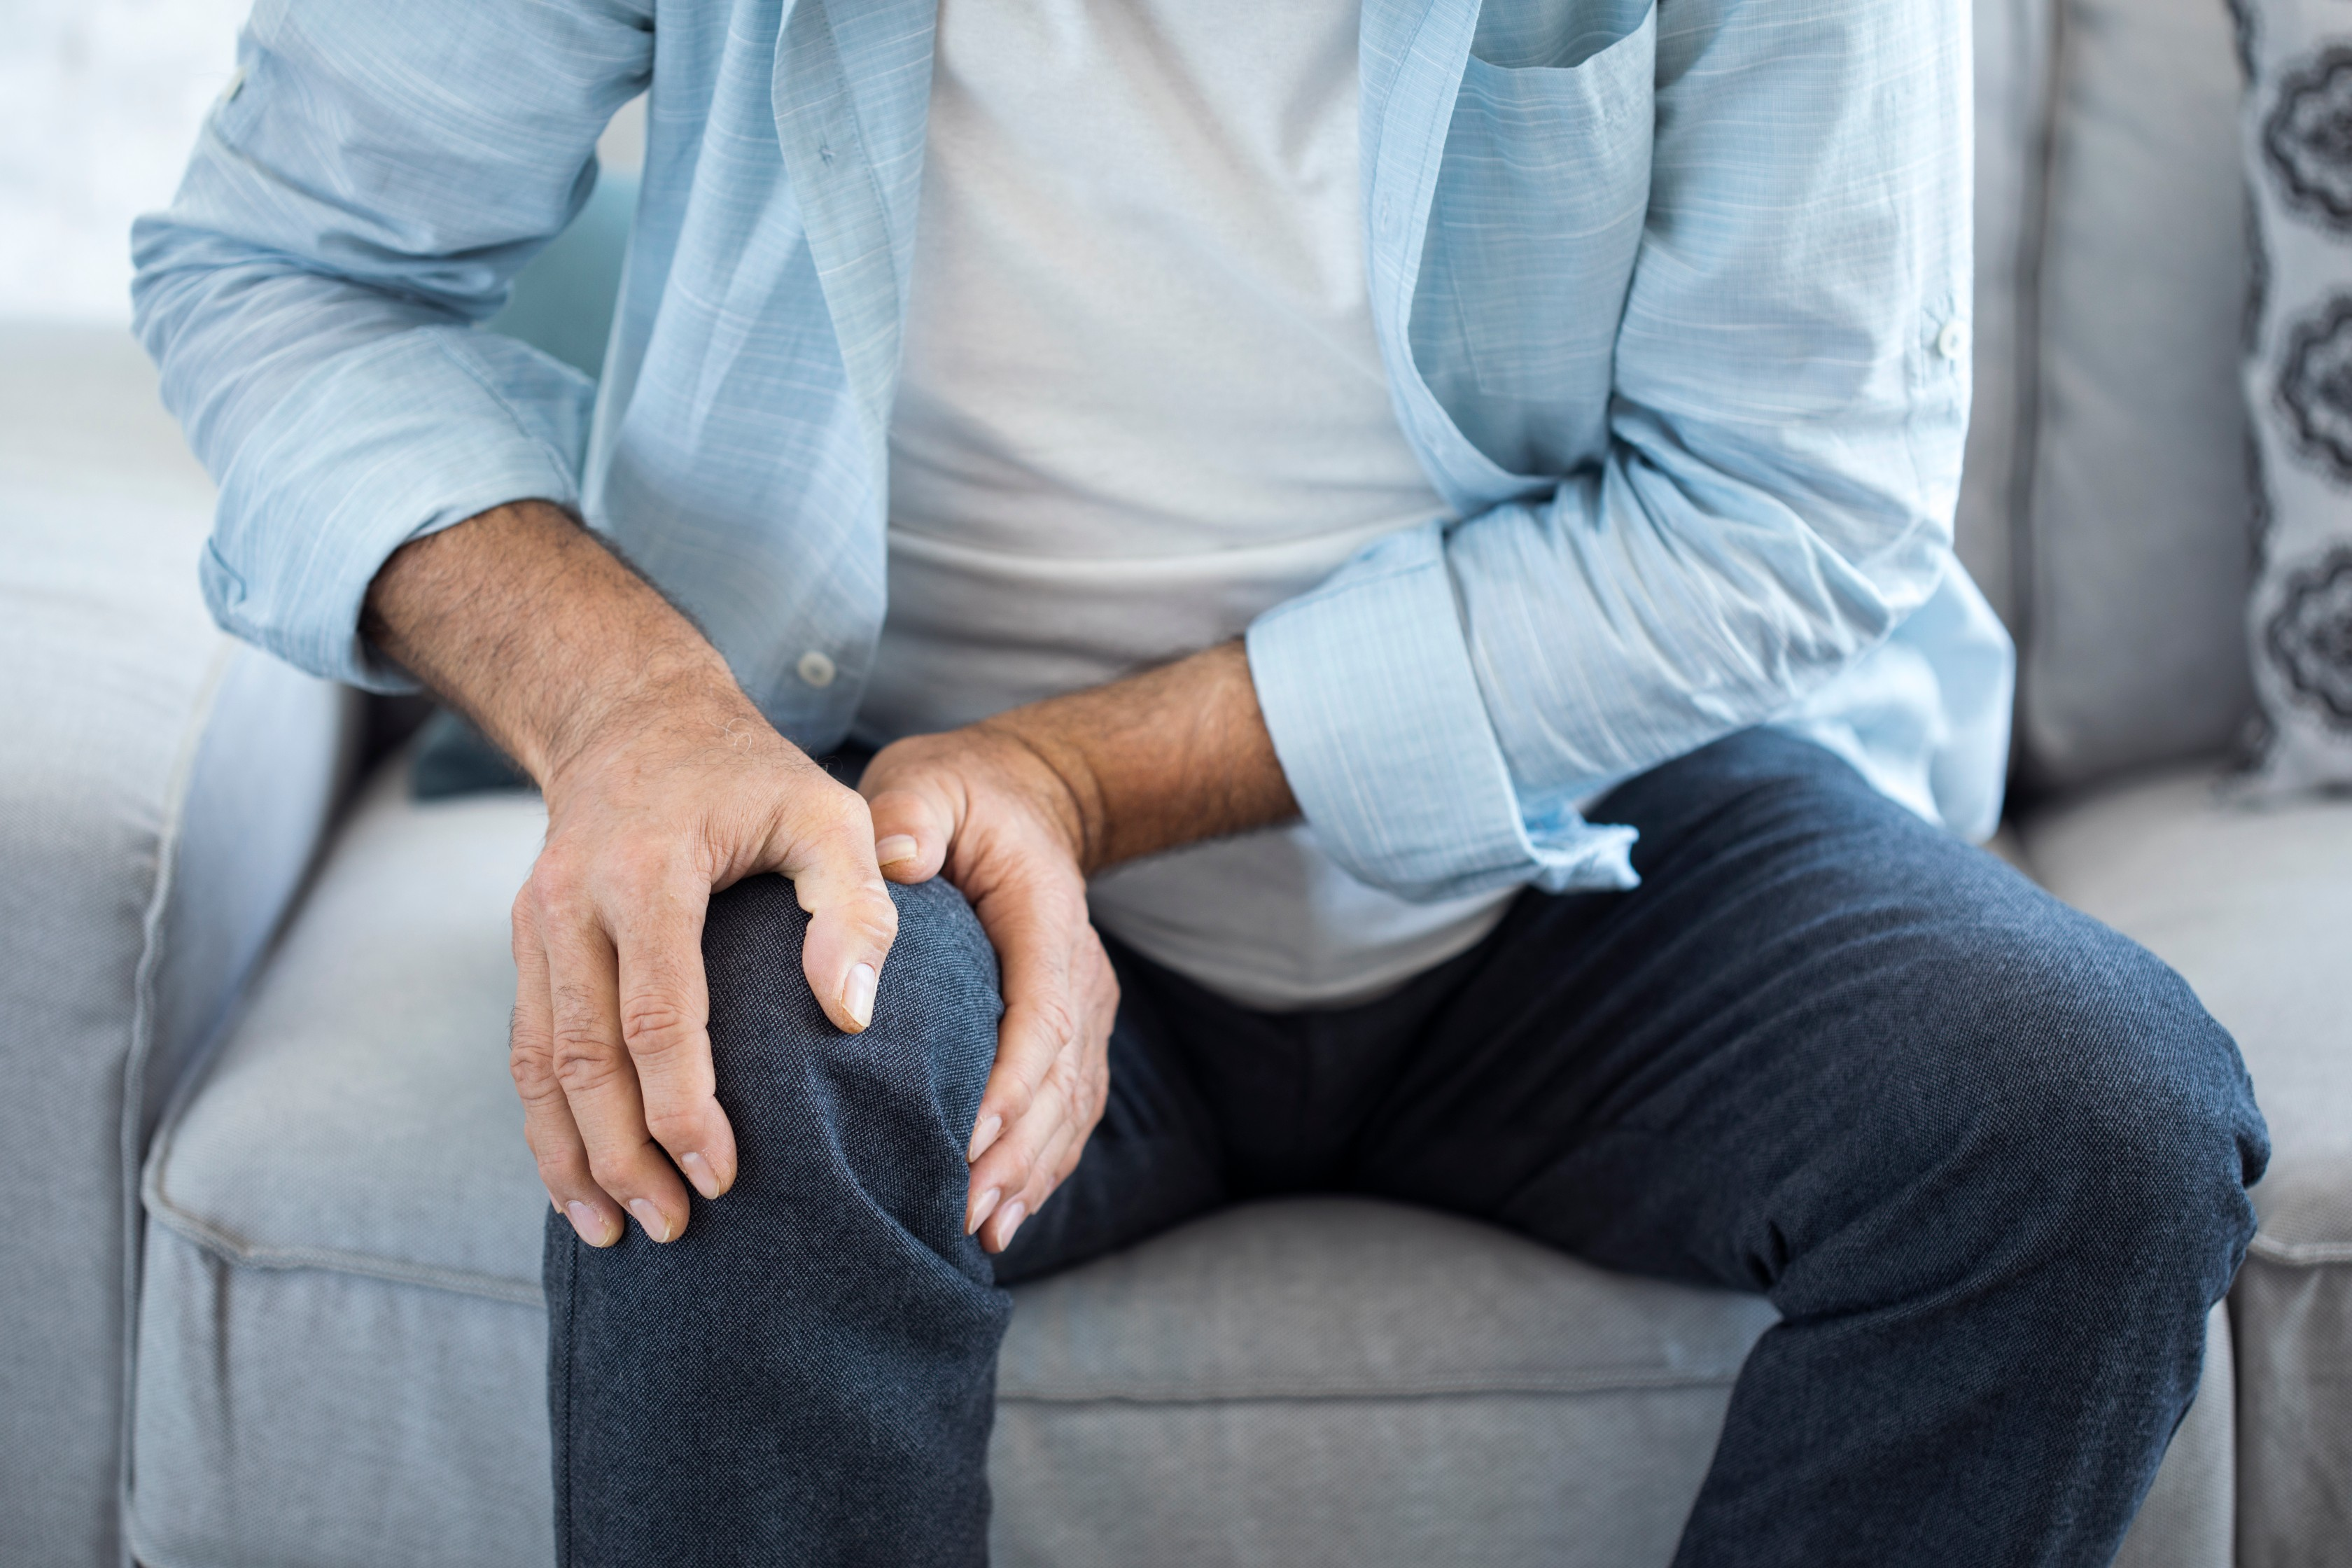 térdízület ödéma kezelése dimexiddal az ízület deformációja deformáló artrózissal jár